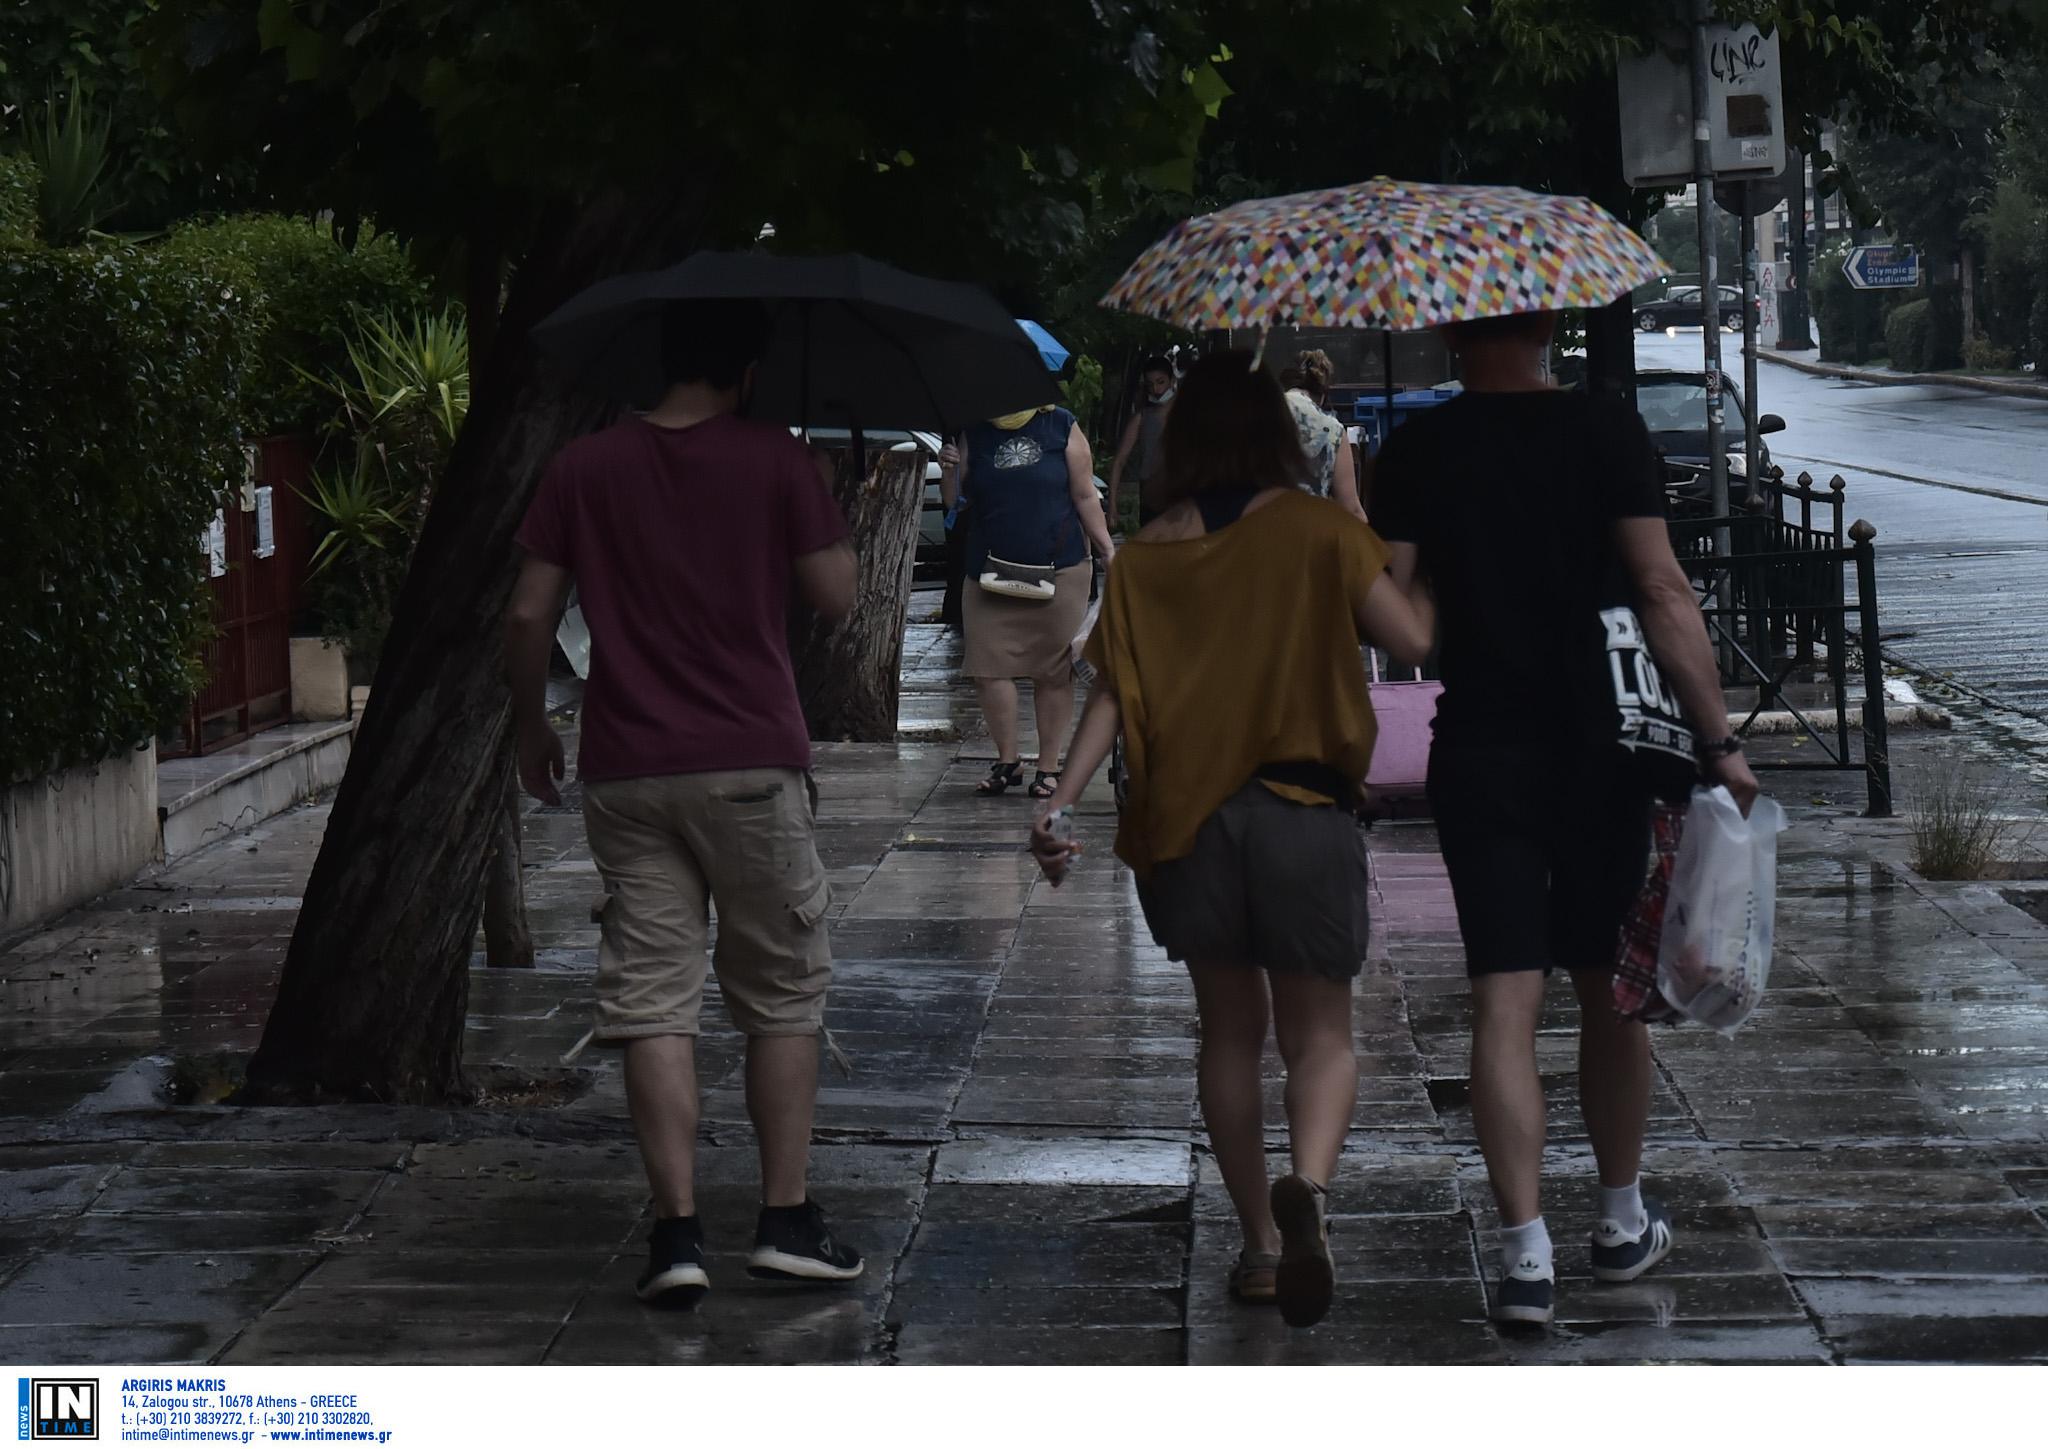 Καιρός – Σάκης Αρναούτογλου: Προσοχή! Έρχονται καταιγίδες, ισχυροί άνεμοι και χαλάζι